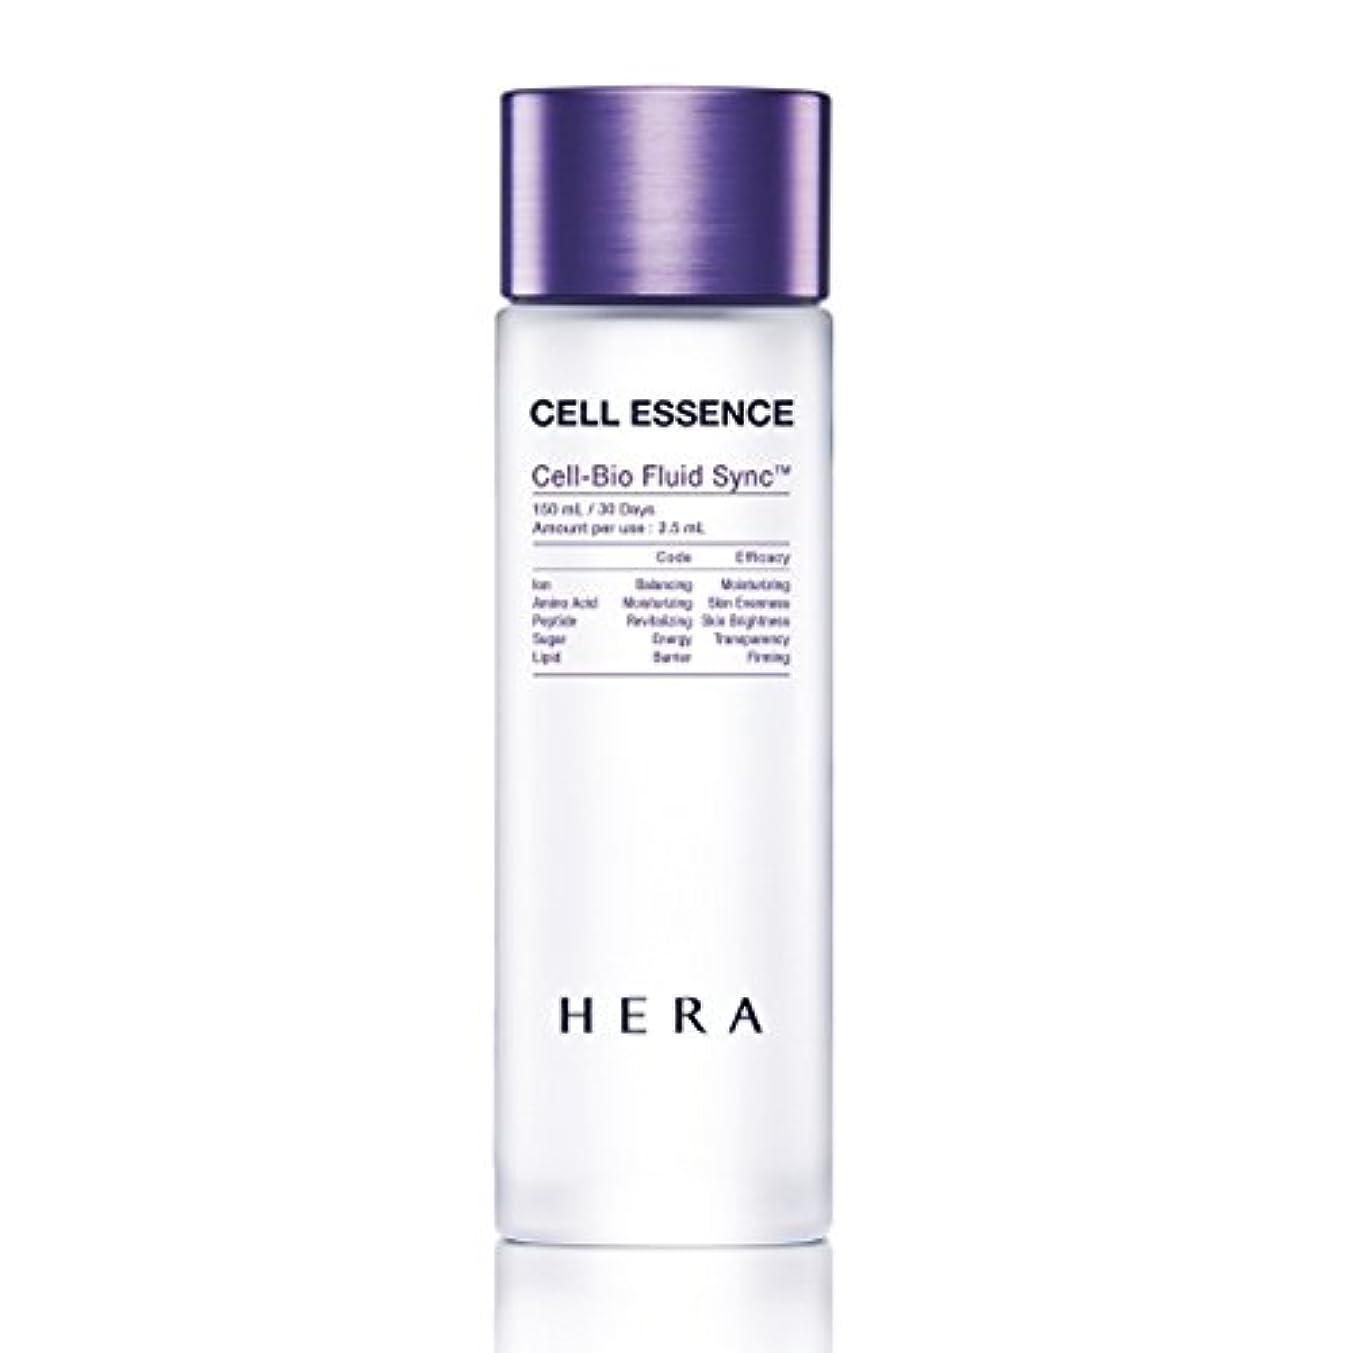 ブランデーみ適応する[ヘラ/HERA]HERA CELL ESSENCE/ヘラ セル エッセンス 150ml【美容液】(海外直送品)